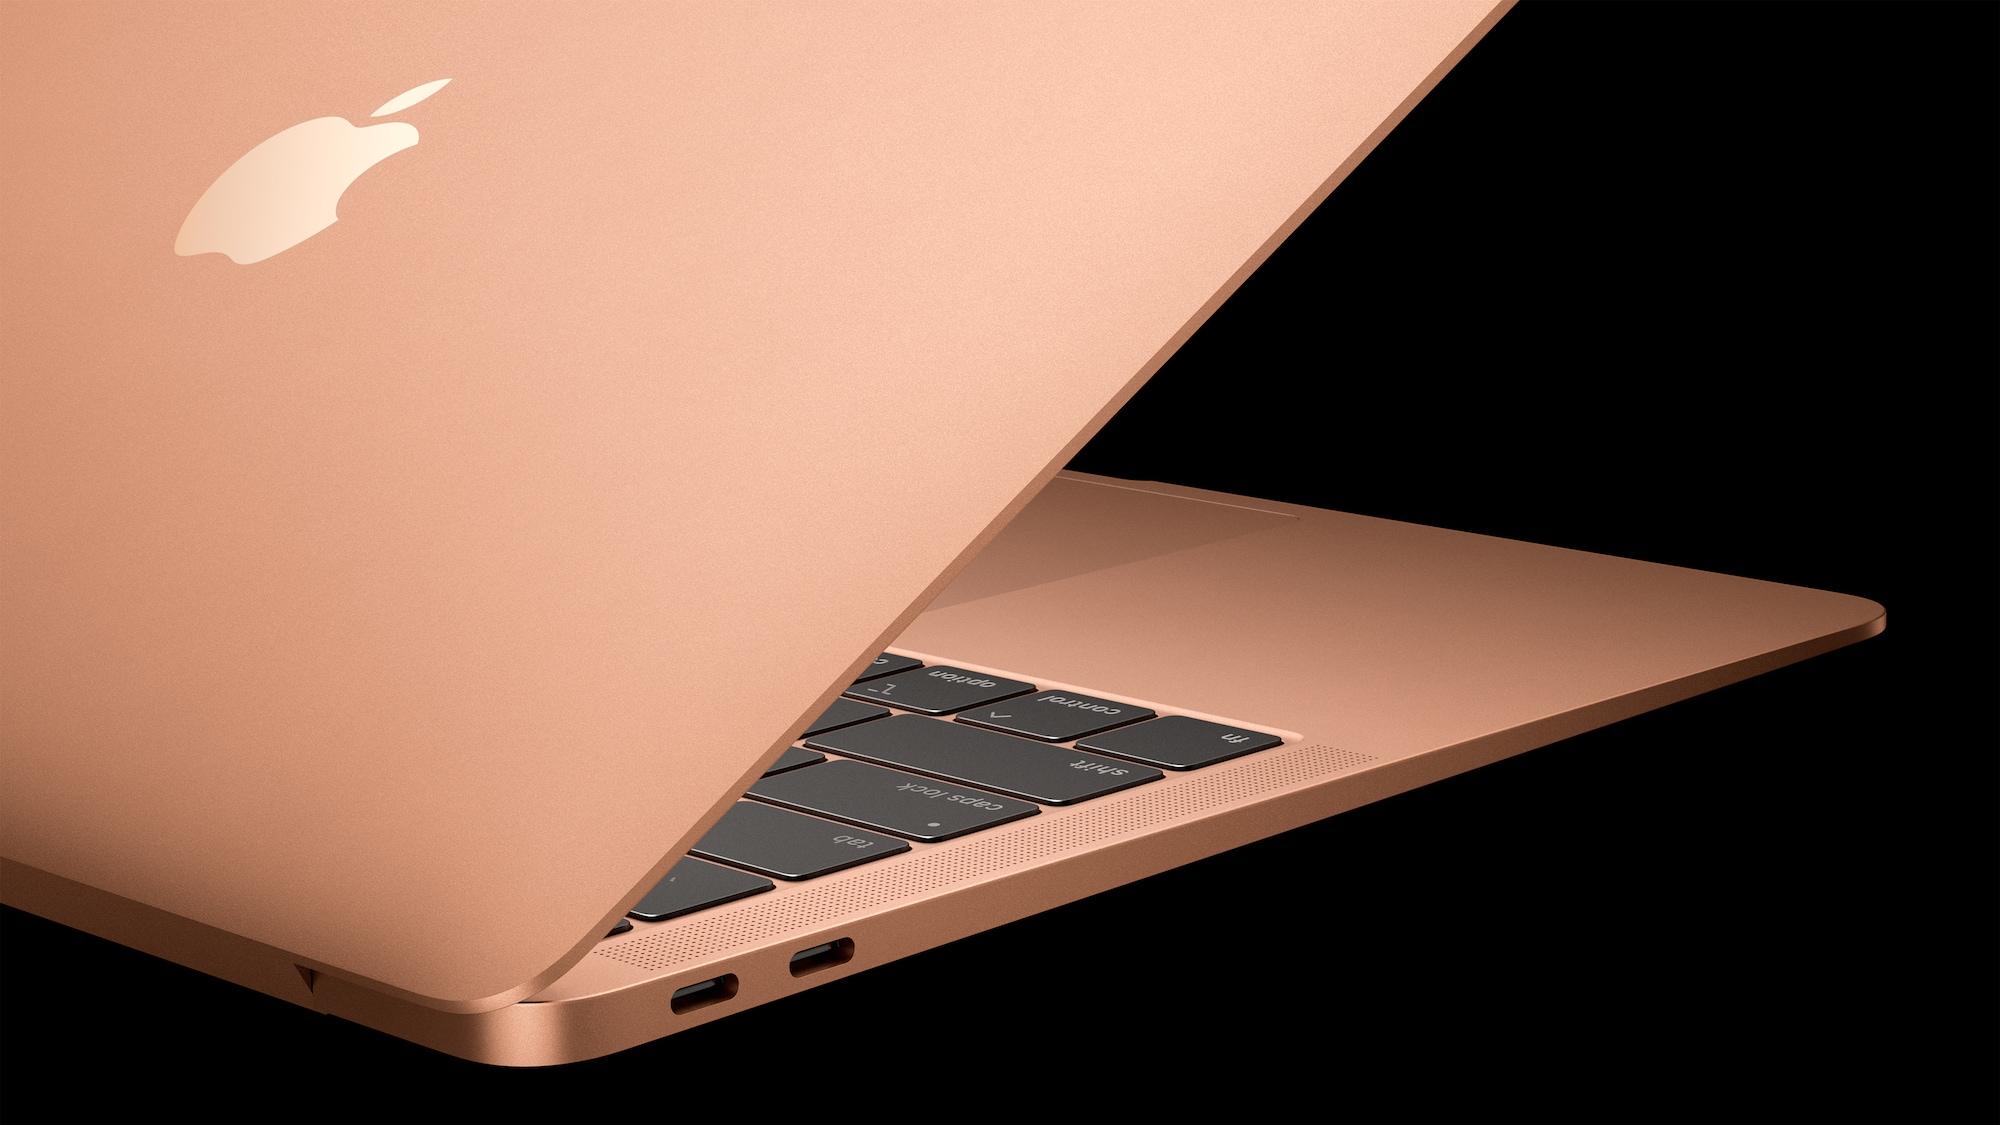 Nový MacBook Air má dva USB-C porty